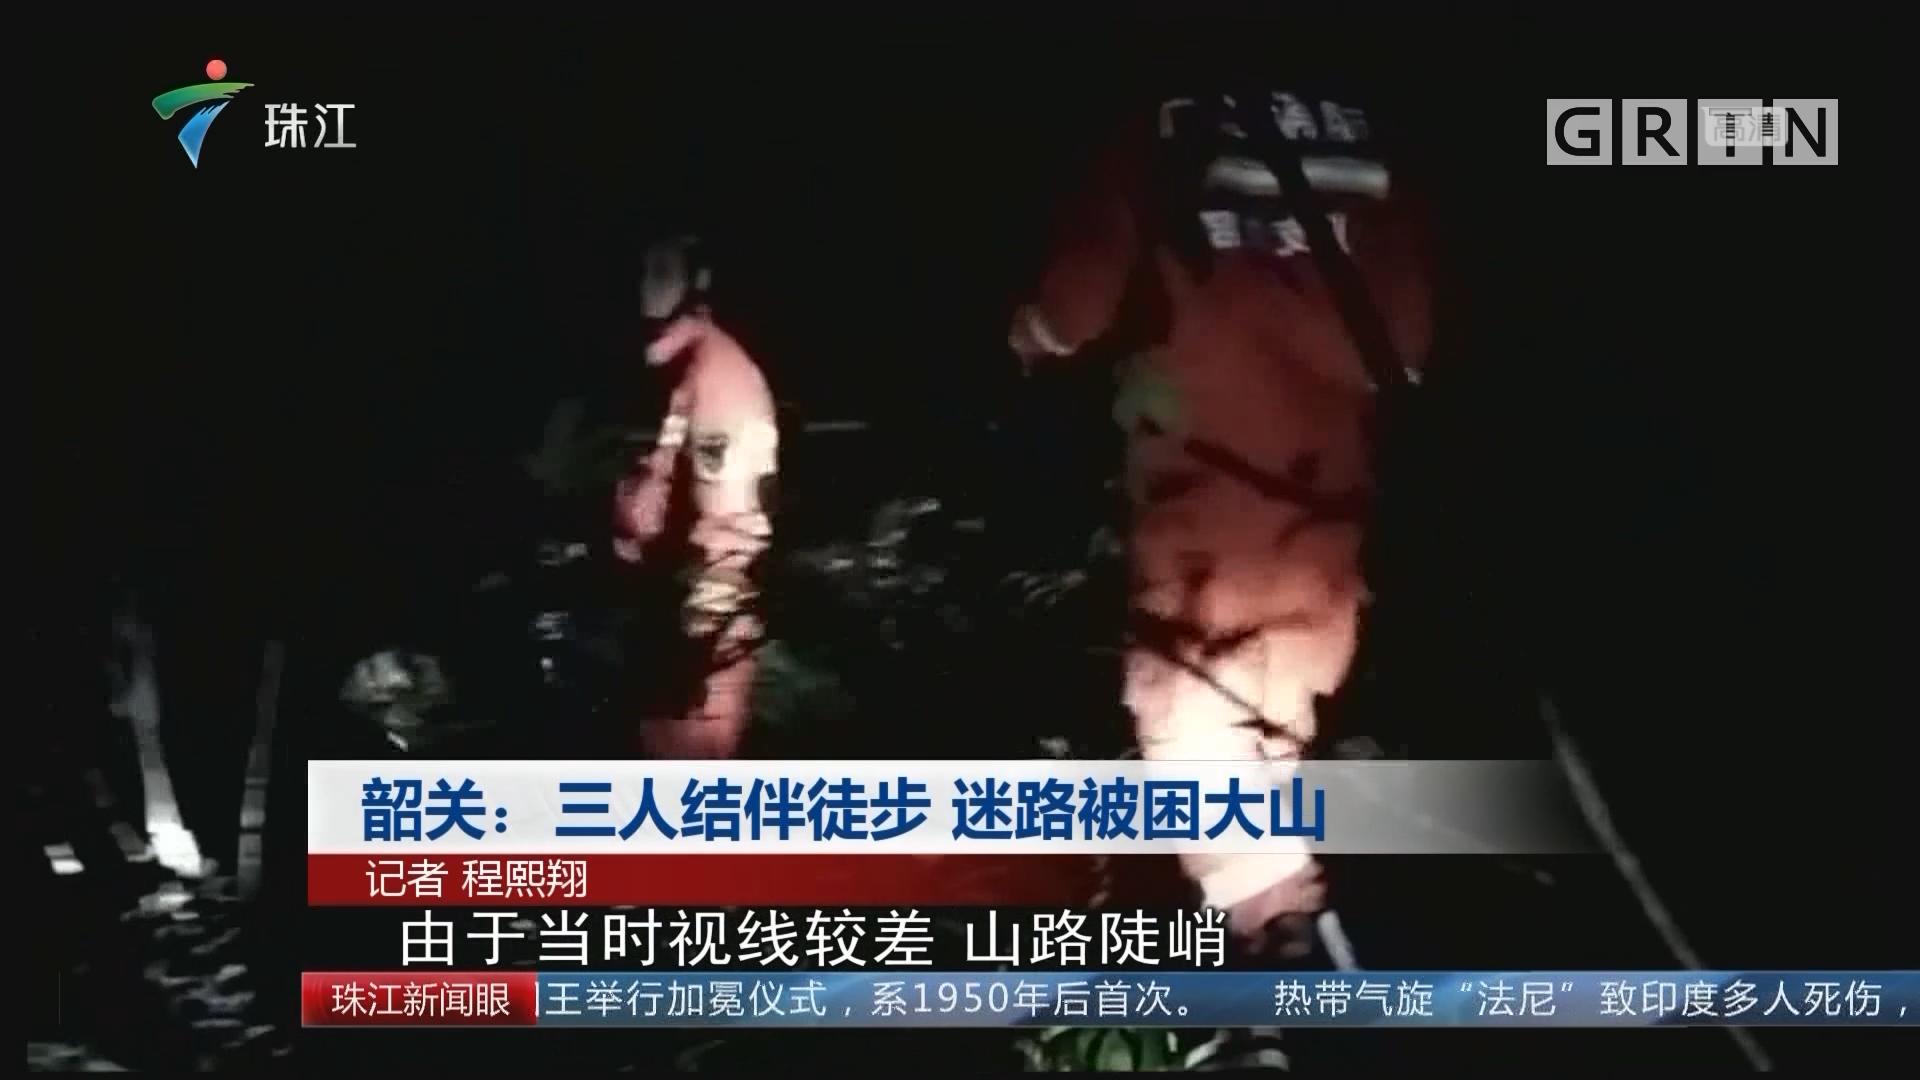 韶关:三人结伴徒步 迷路被困大山